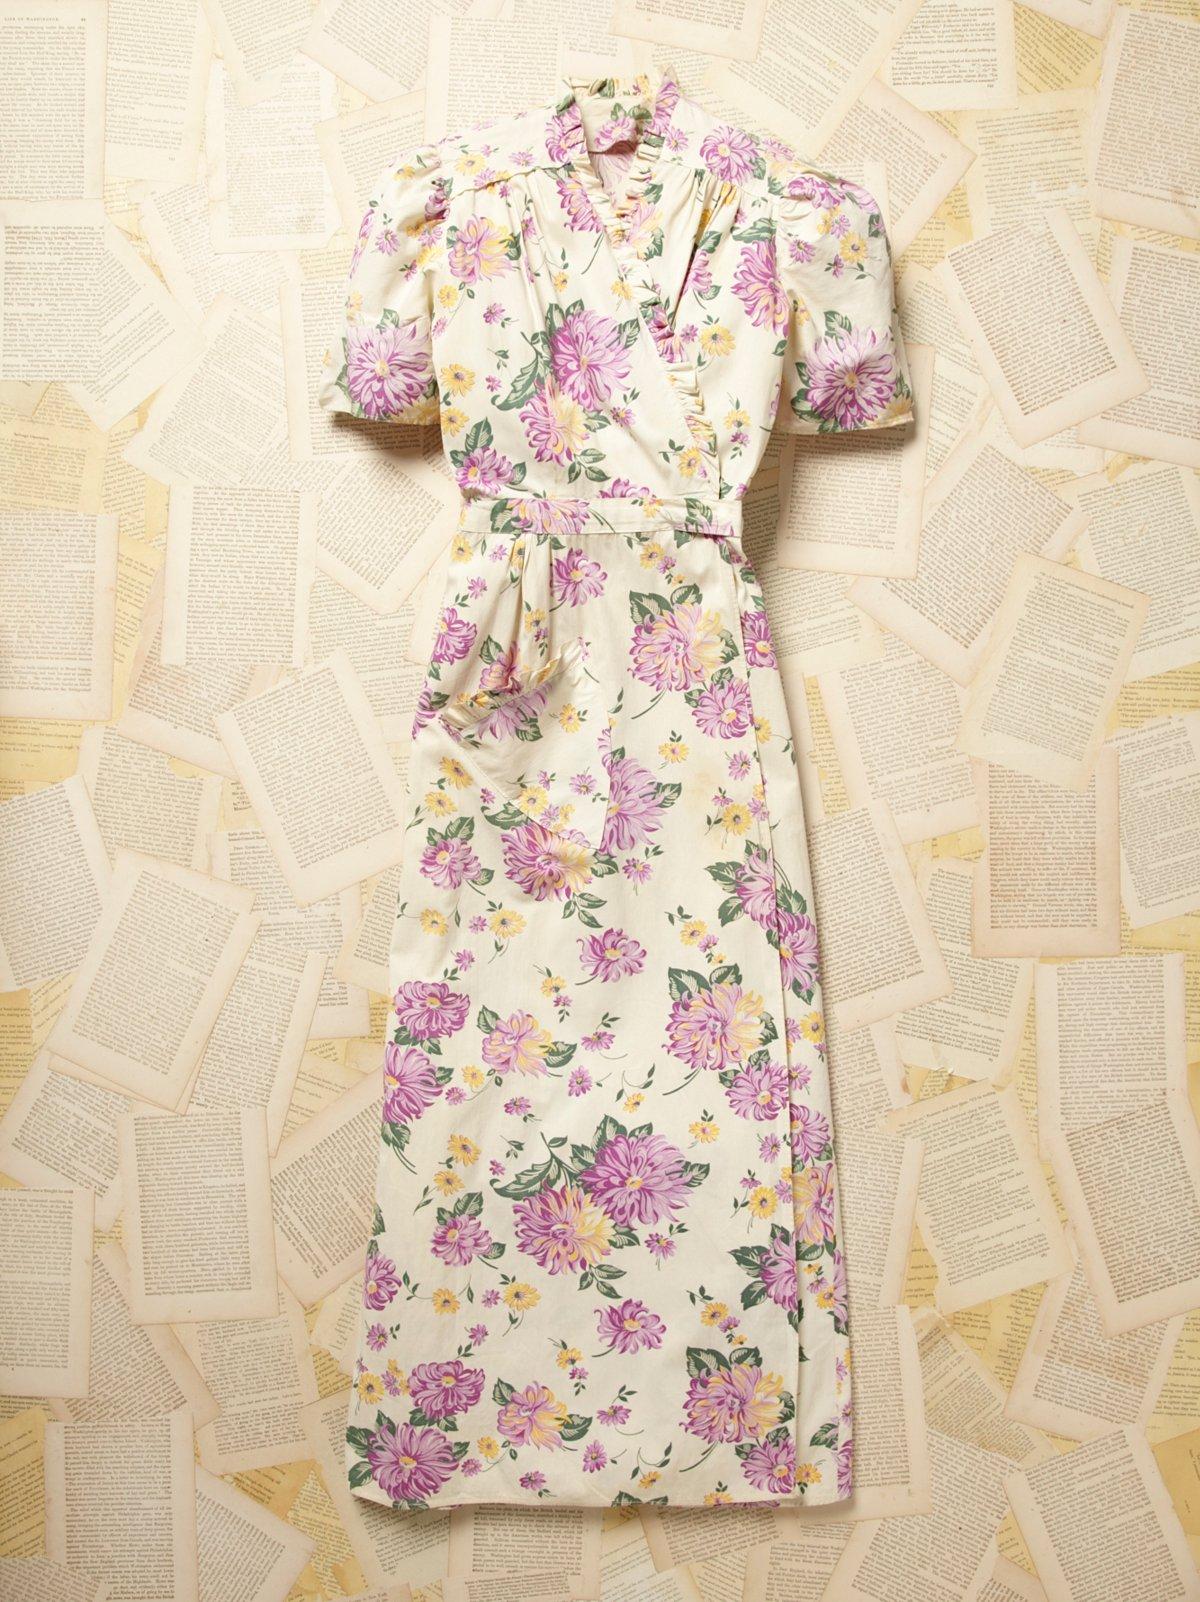 Vintage 1940s Floral Wrap Dress